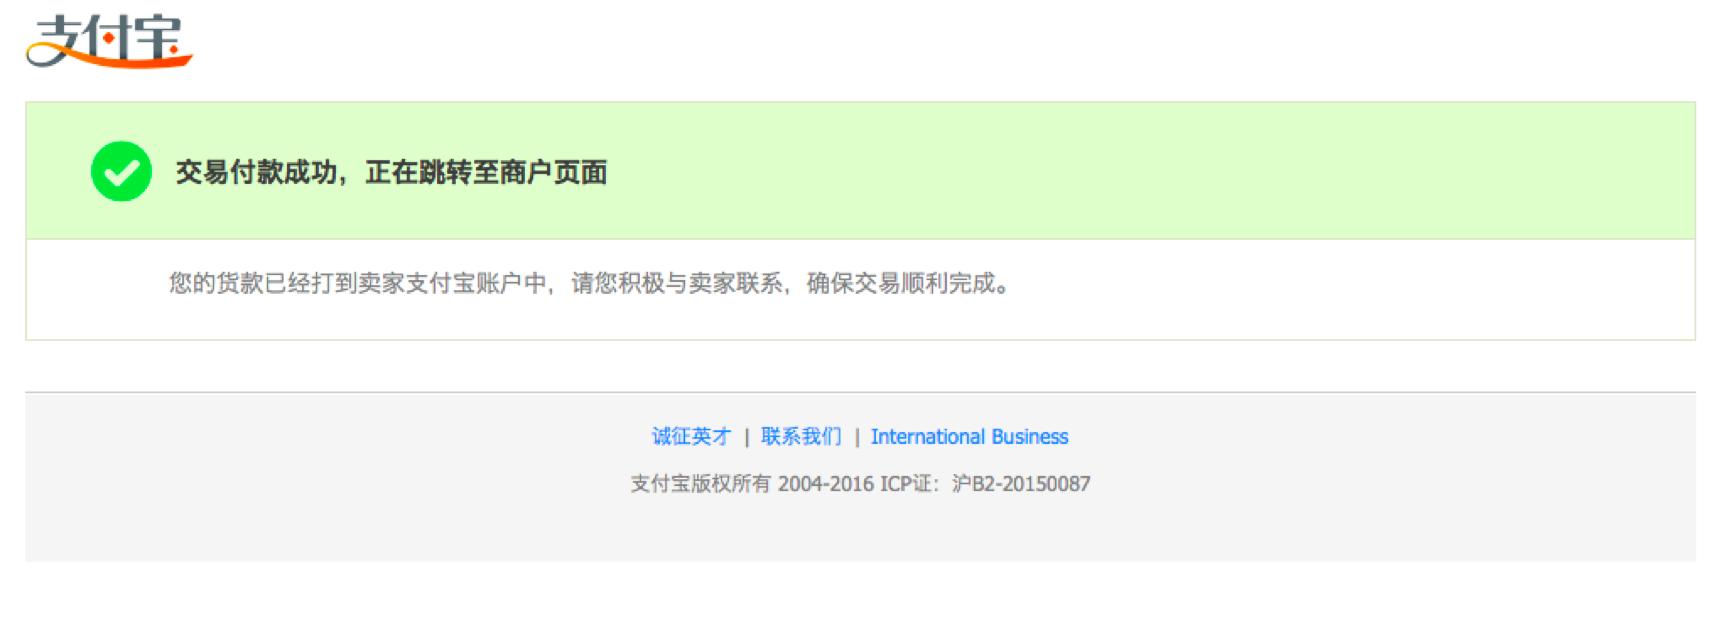 支付宝电脑网站支付产品介绍5.png